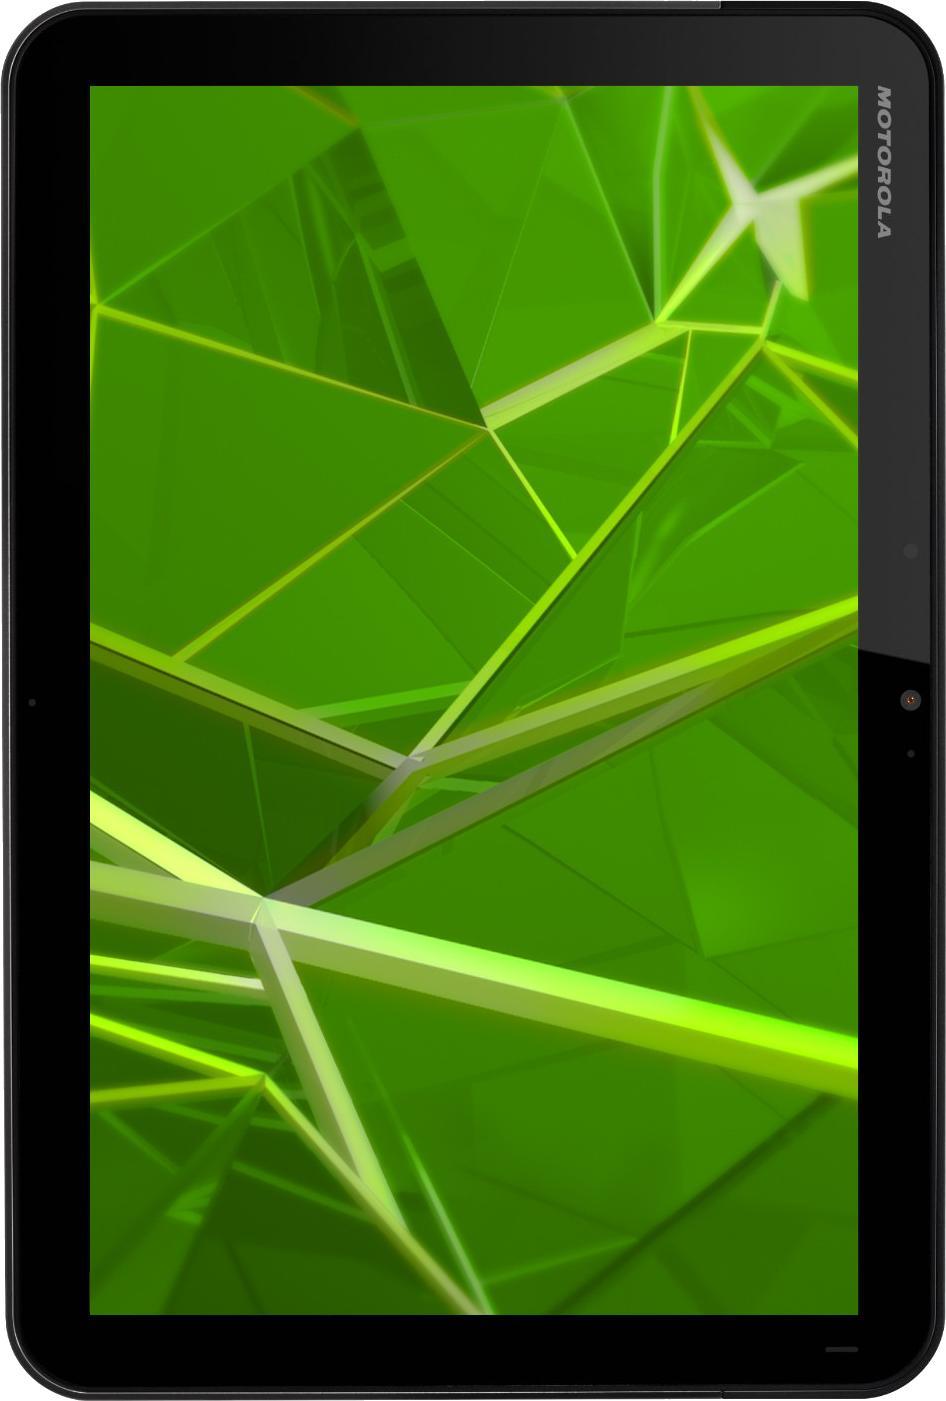 Motorola XOOM MZ601 32GB